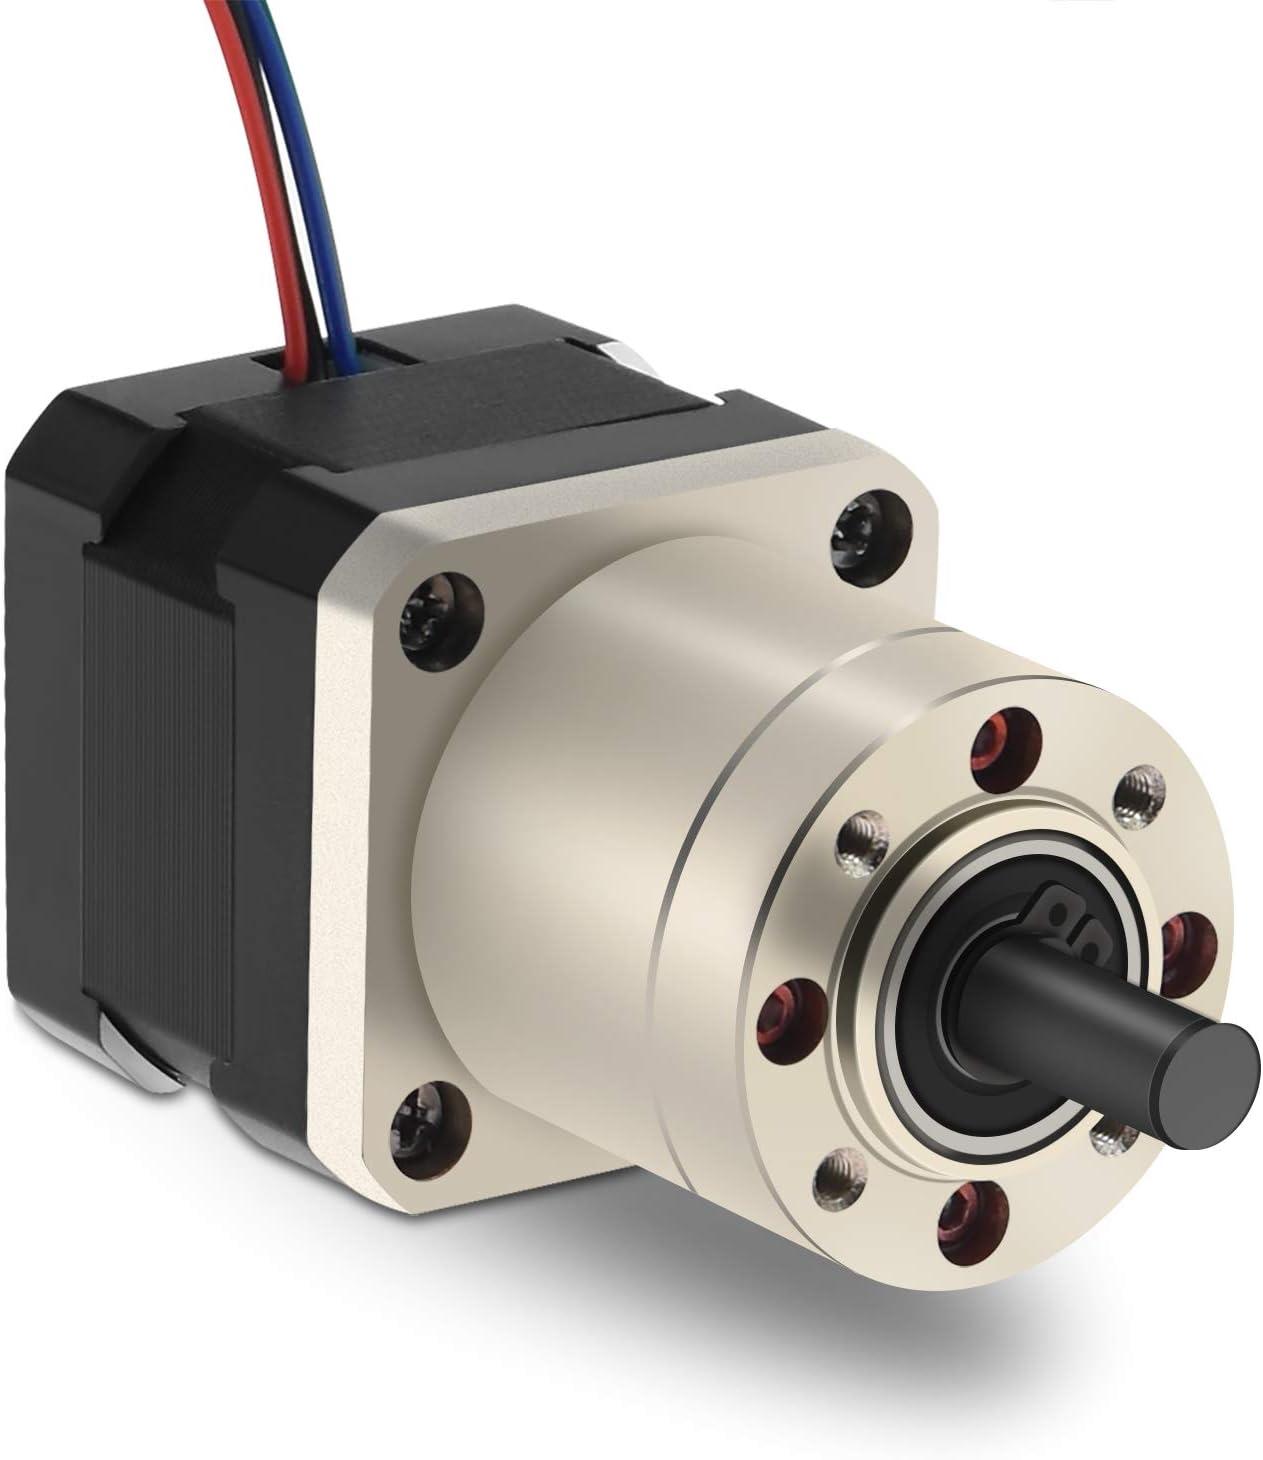 Twotrees 27:1 Planetary Gearbox High Torque Nema 17 Stepper Motor 3D Printer DIY Camera